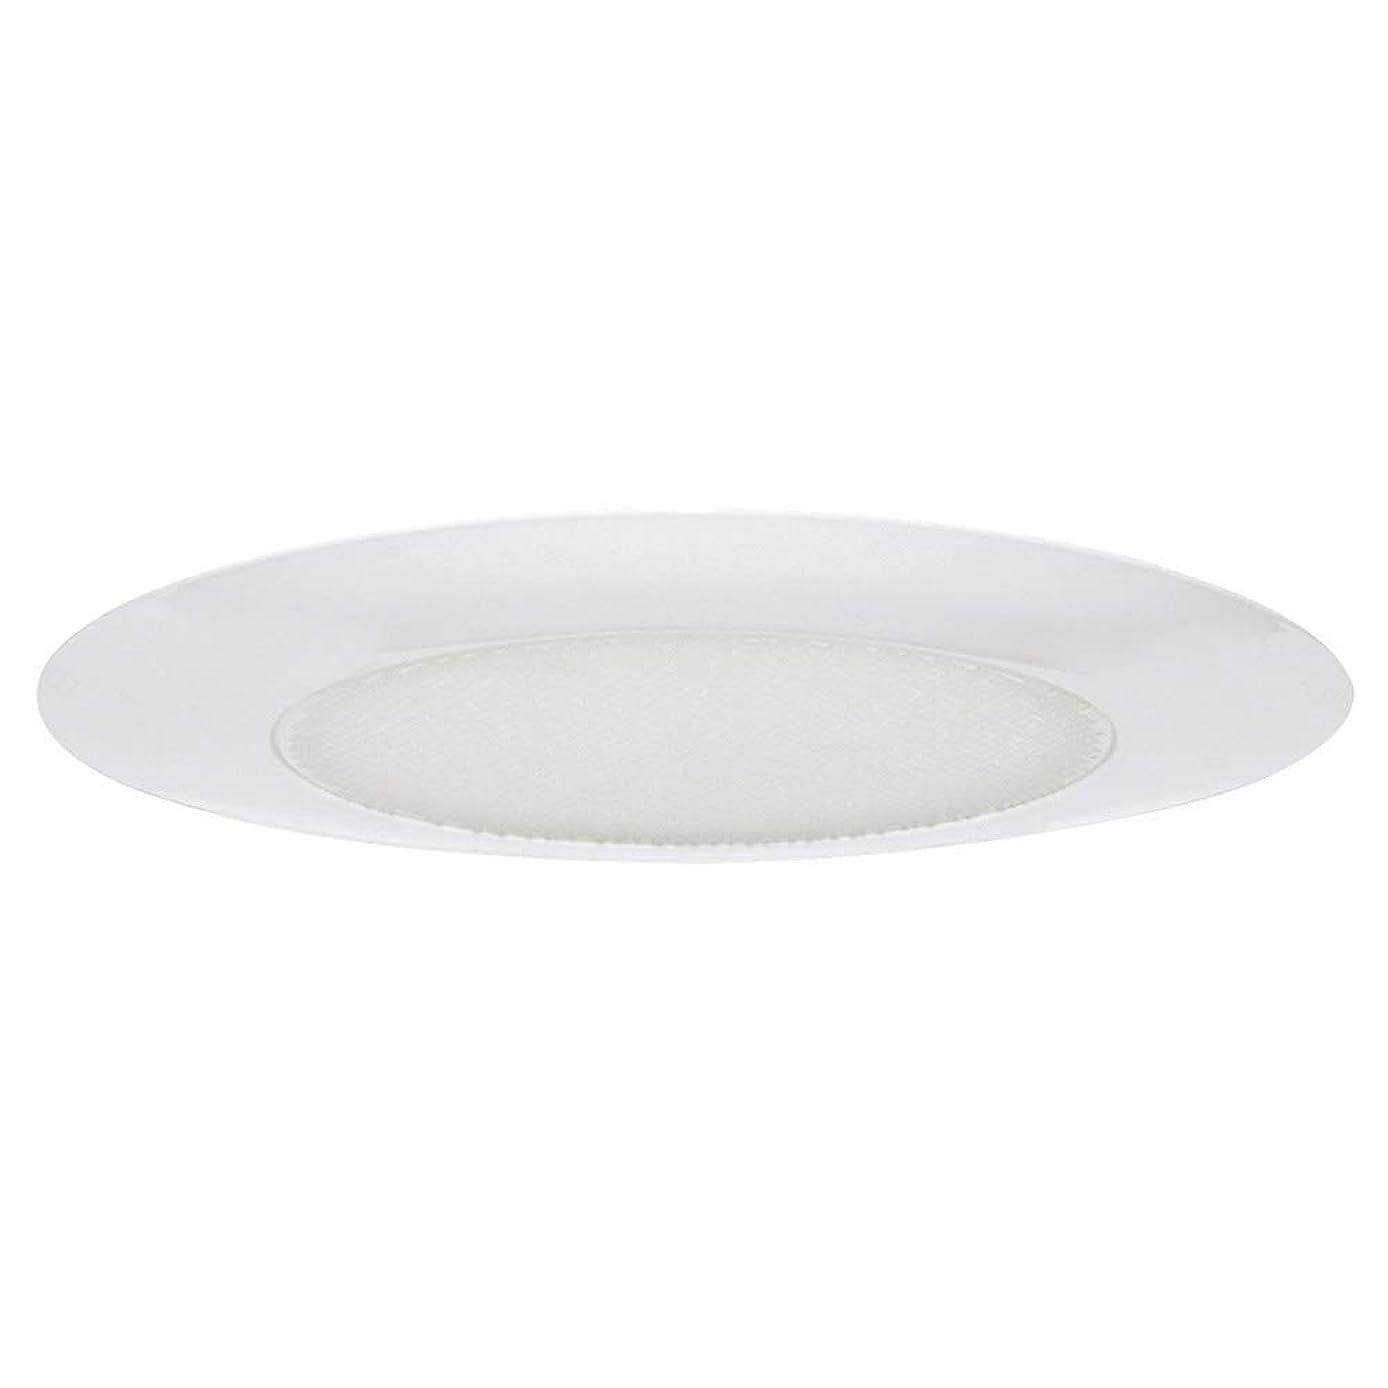 Design House 519579 Recessed Lighting Trim 6